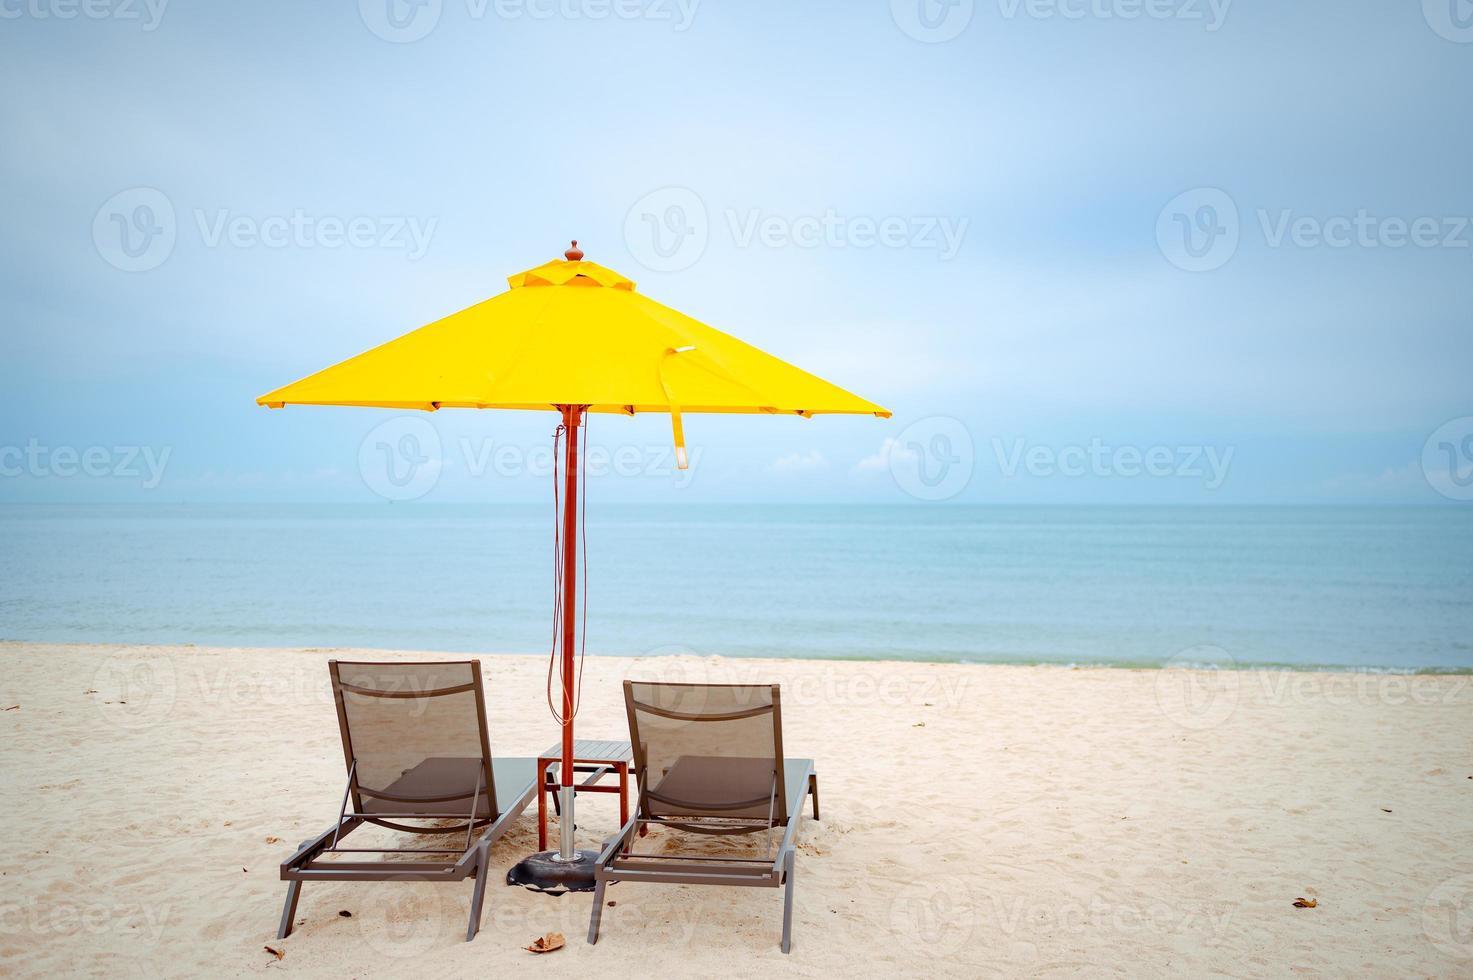 strandstoelen onder een gele paraplu op het strand foto